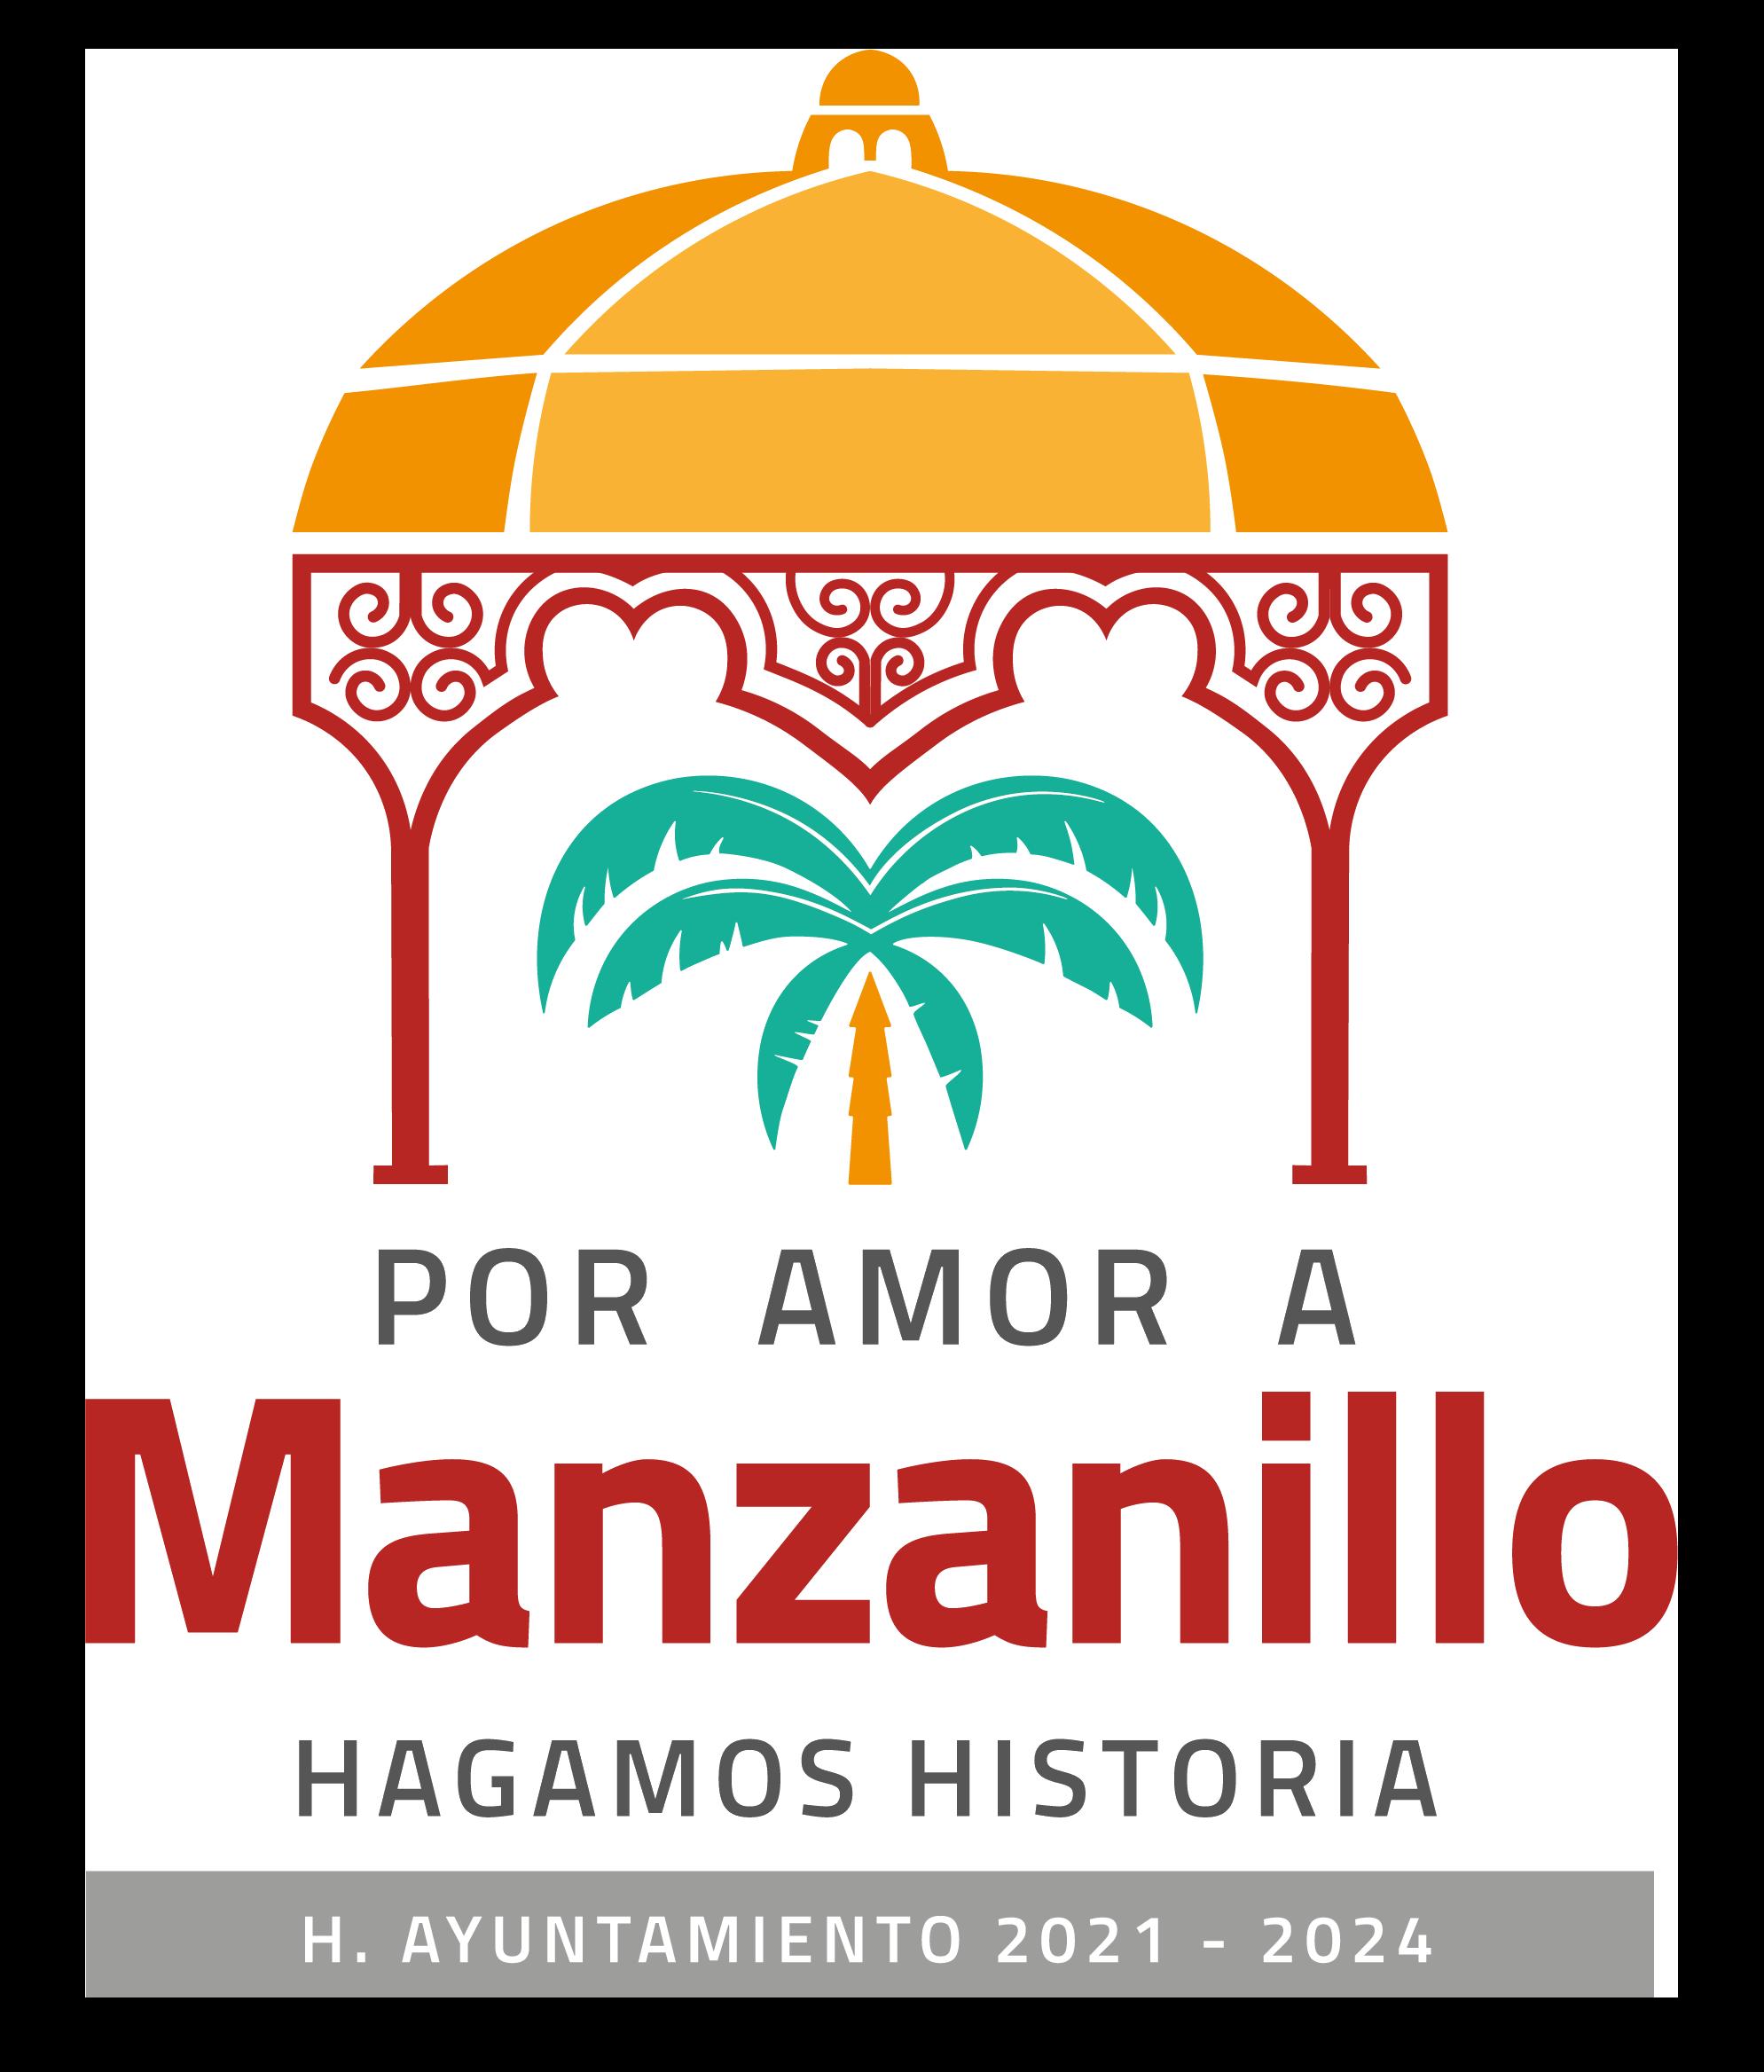 H. Ayuntamiento de Manzanillo